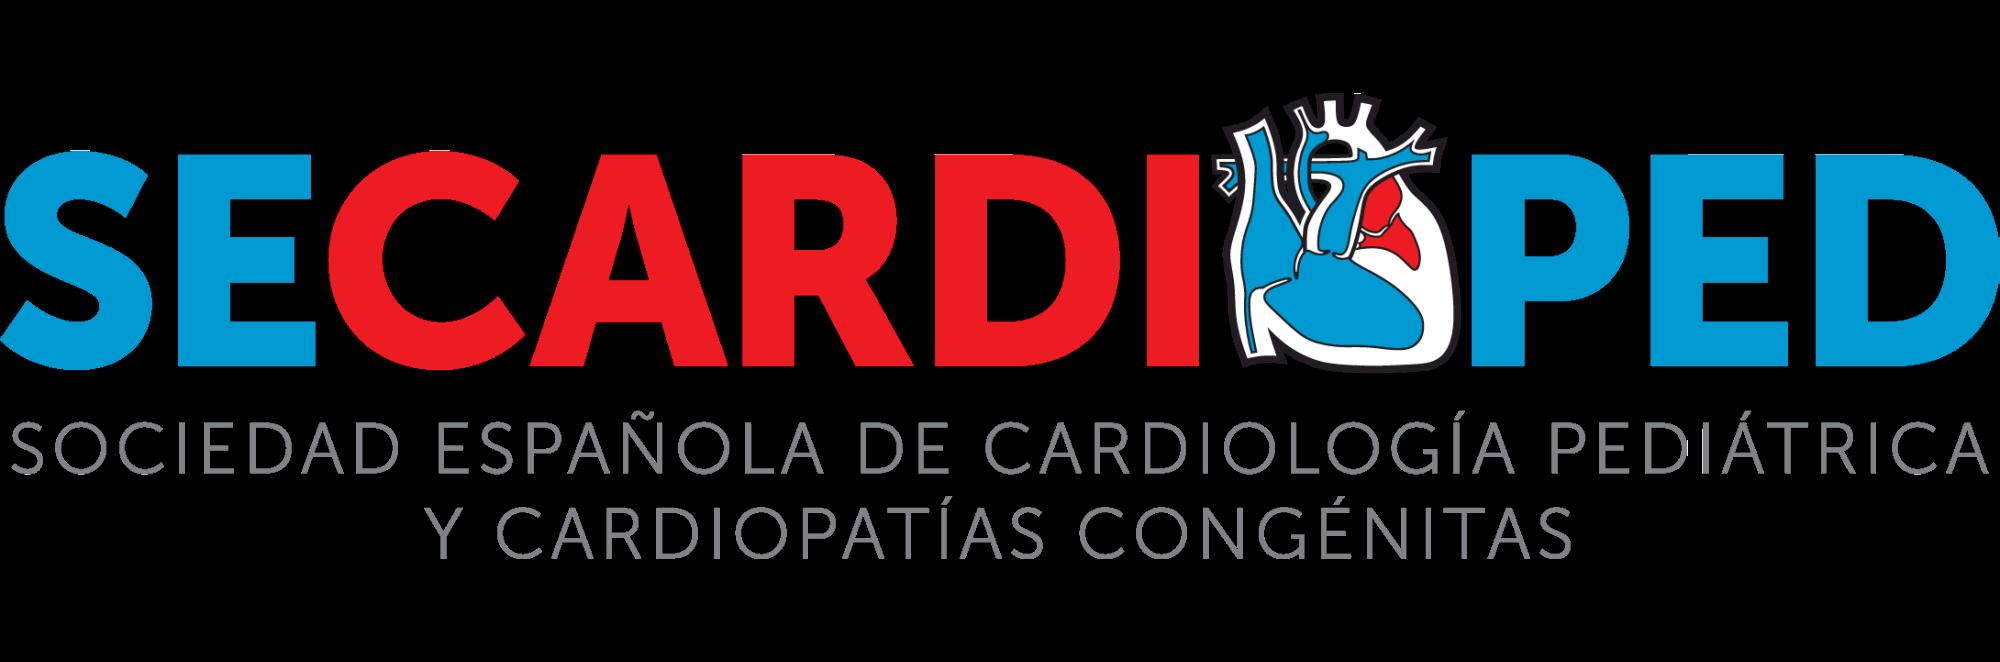 SECPCC – Sociedad Española de Cardiologíka Pediátrica y Cardiopatías Congénitas